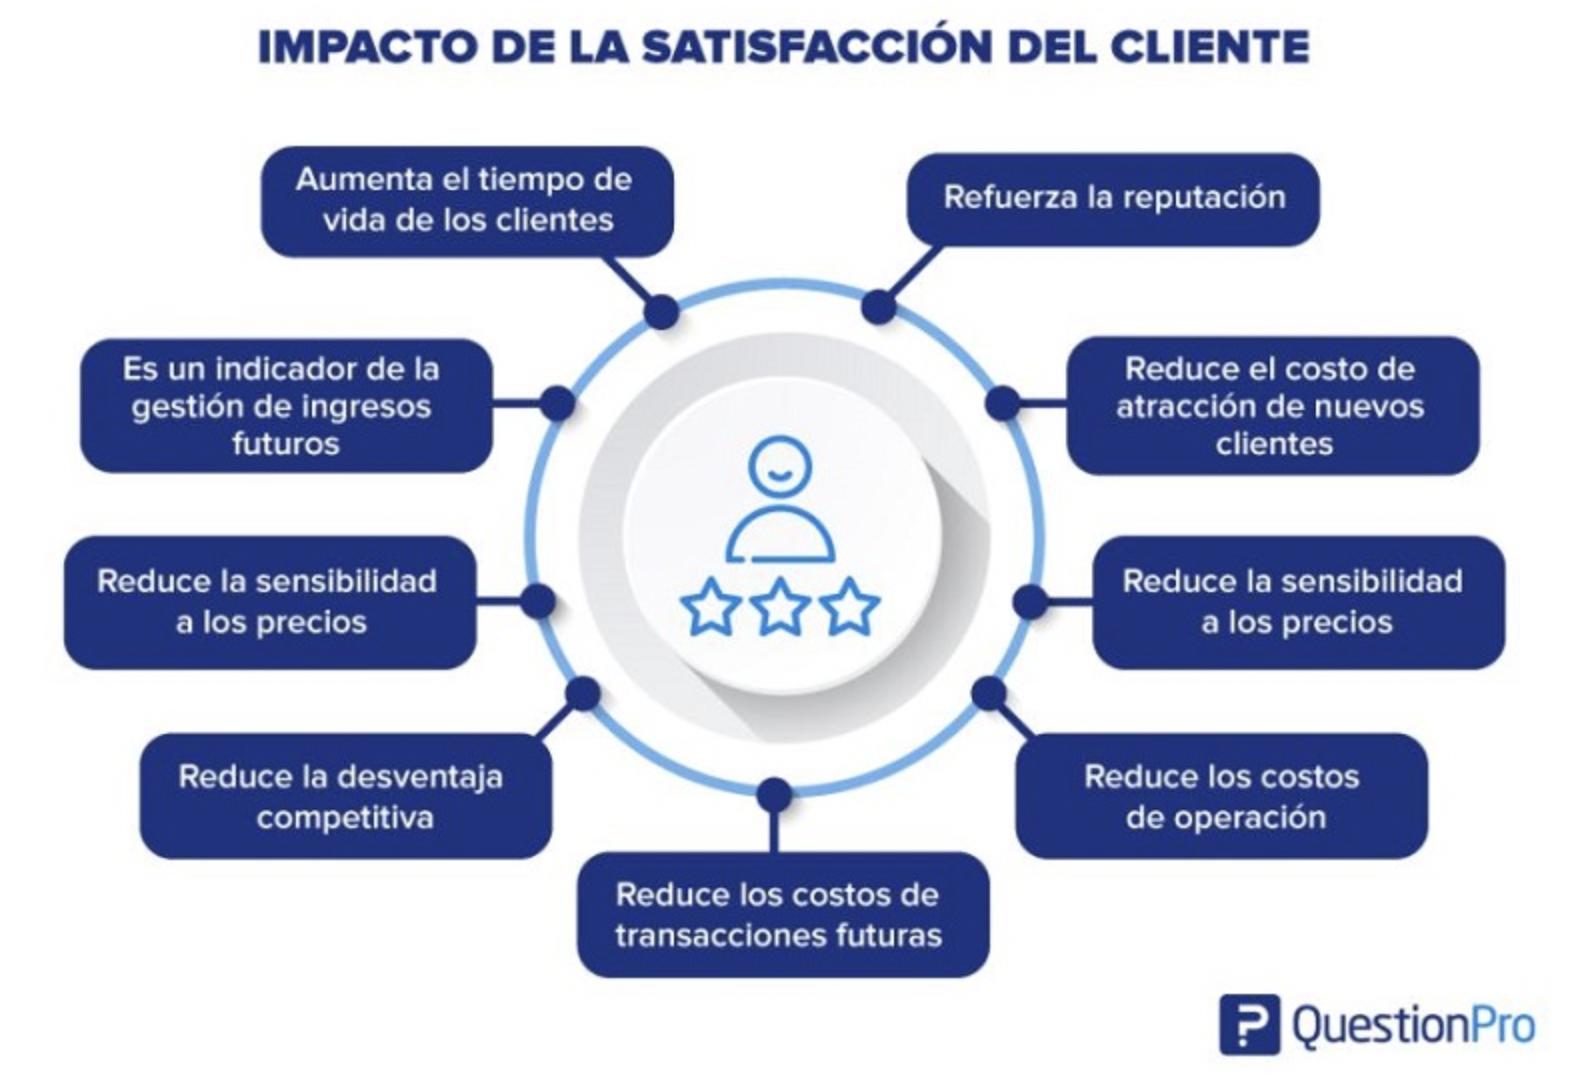 ventajas-de-la-satisfacción-del-cliente